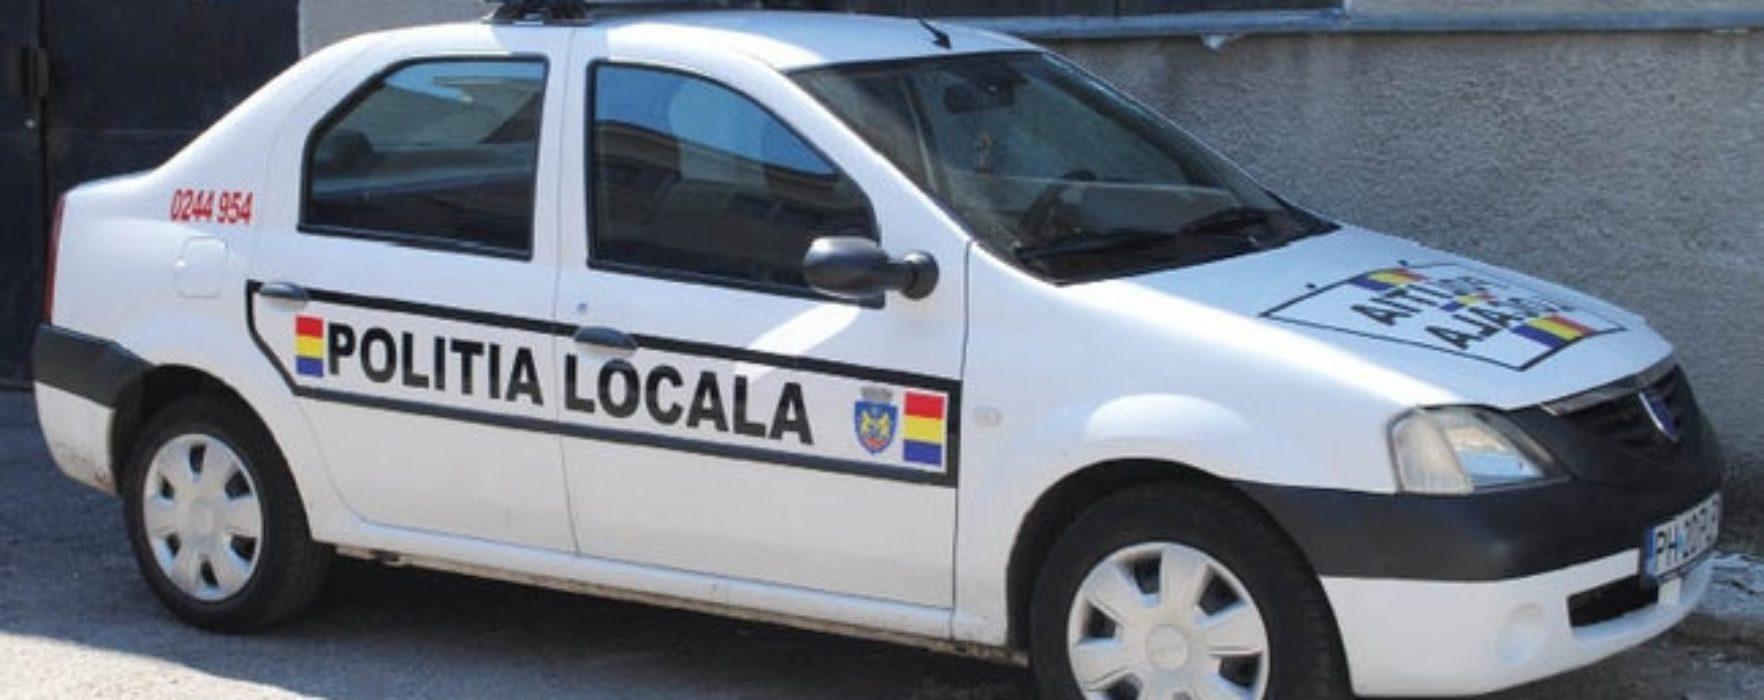 #covid-19 Târgovişte: Poliţia Locală patrulează pe străzi şi anunţă la megafon să se stea în casă